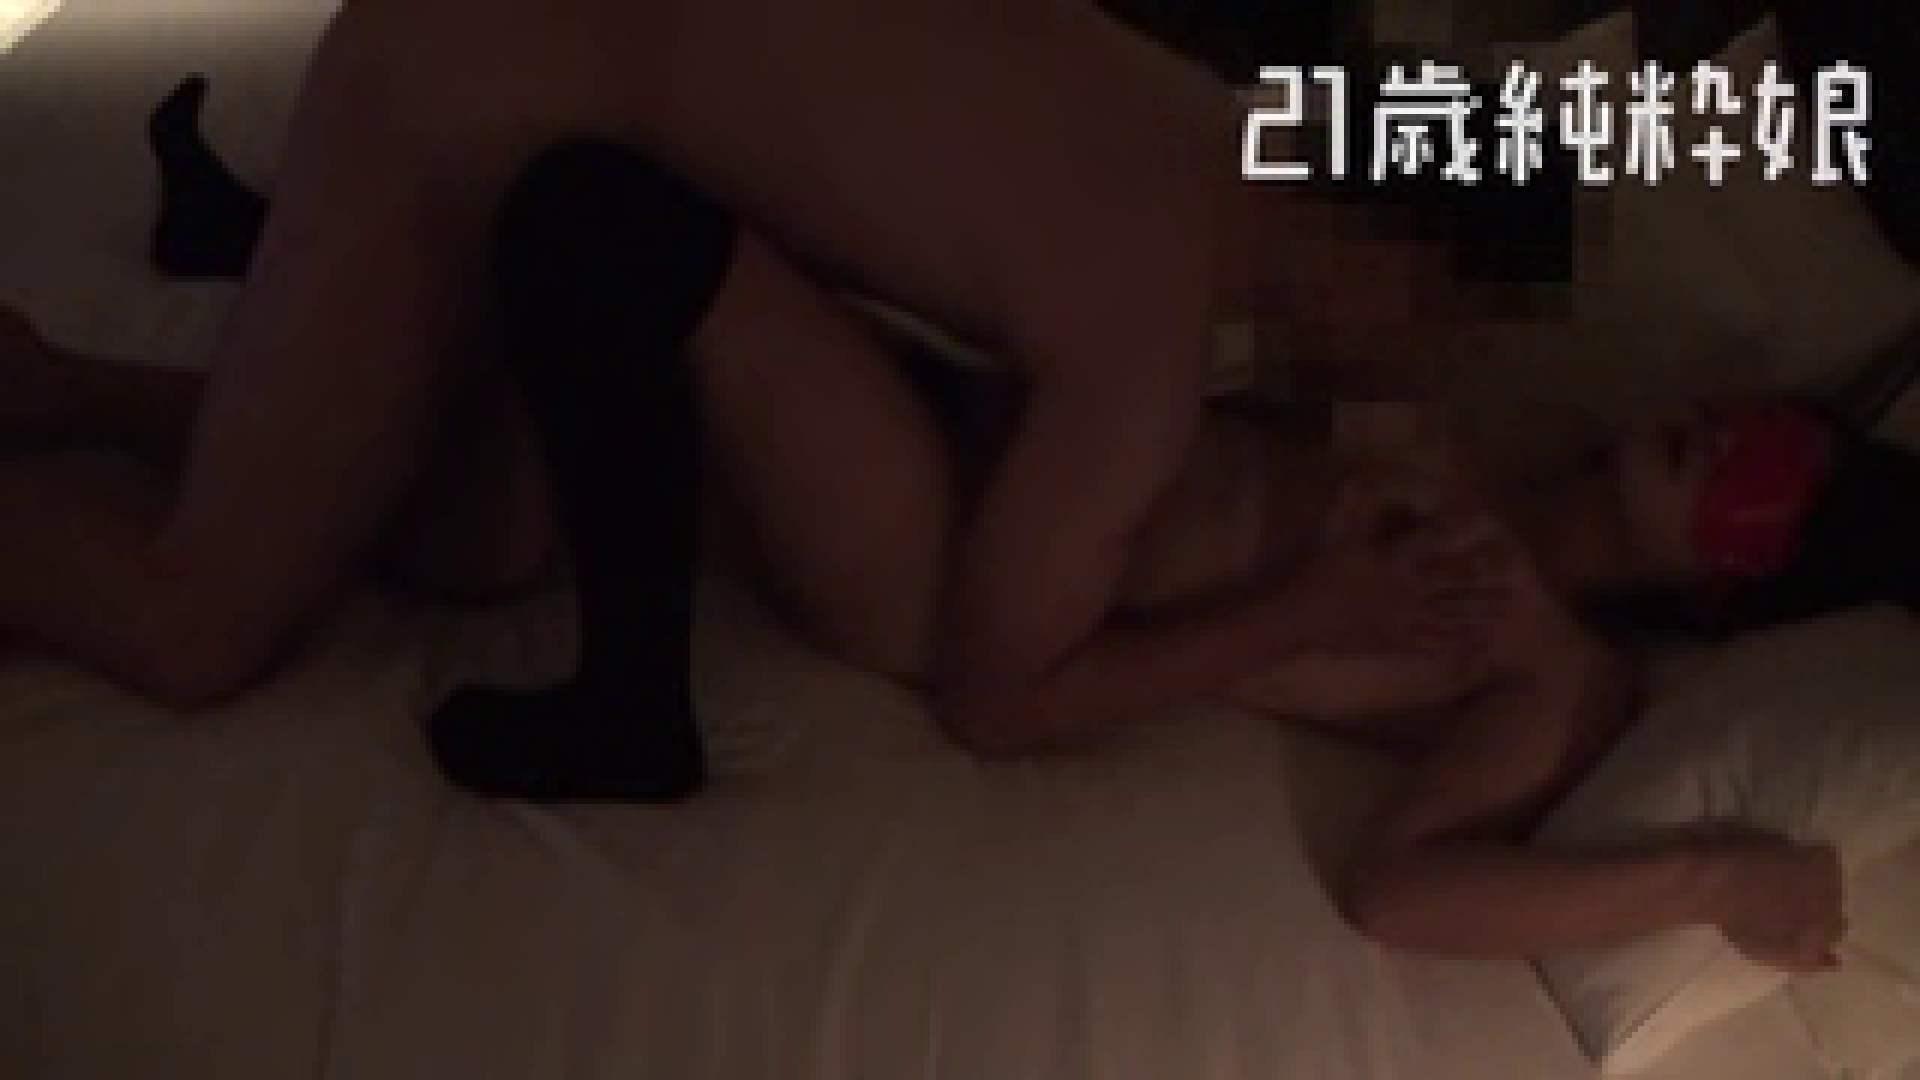 上京したばかりのGカップ21歳純粋嬢を都合の良い女にしてみた4 友人   投稿  89枚 56